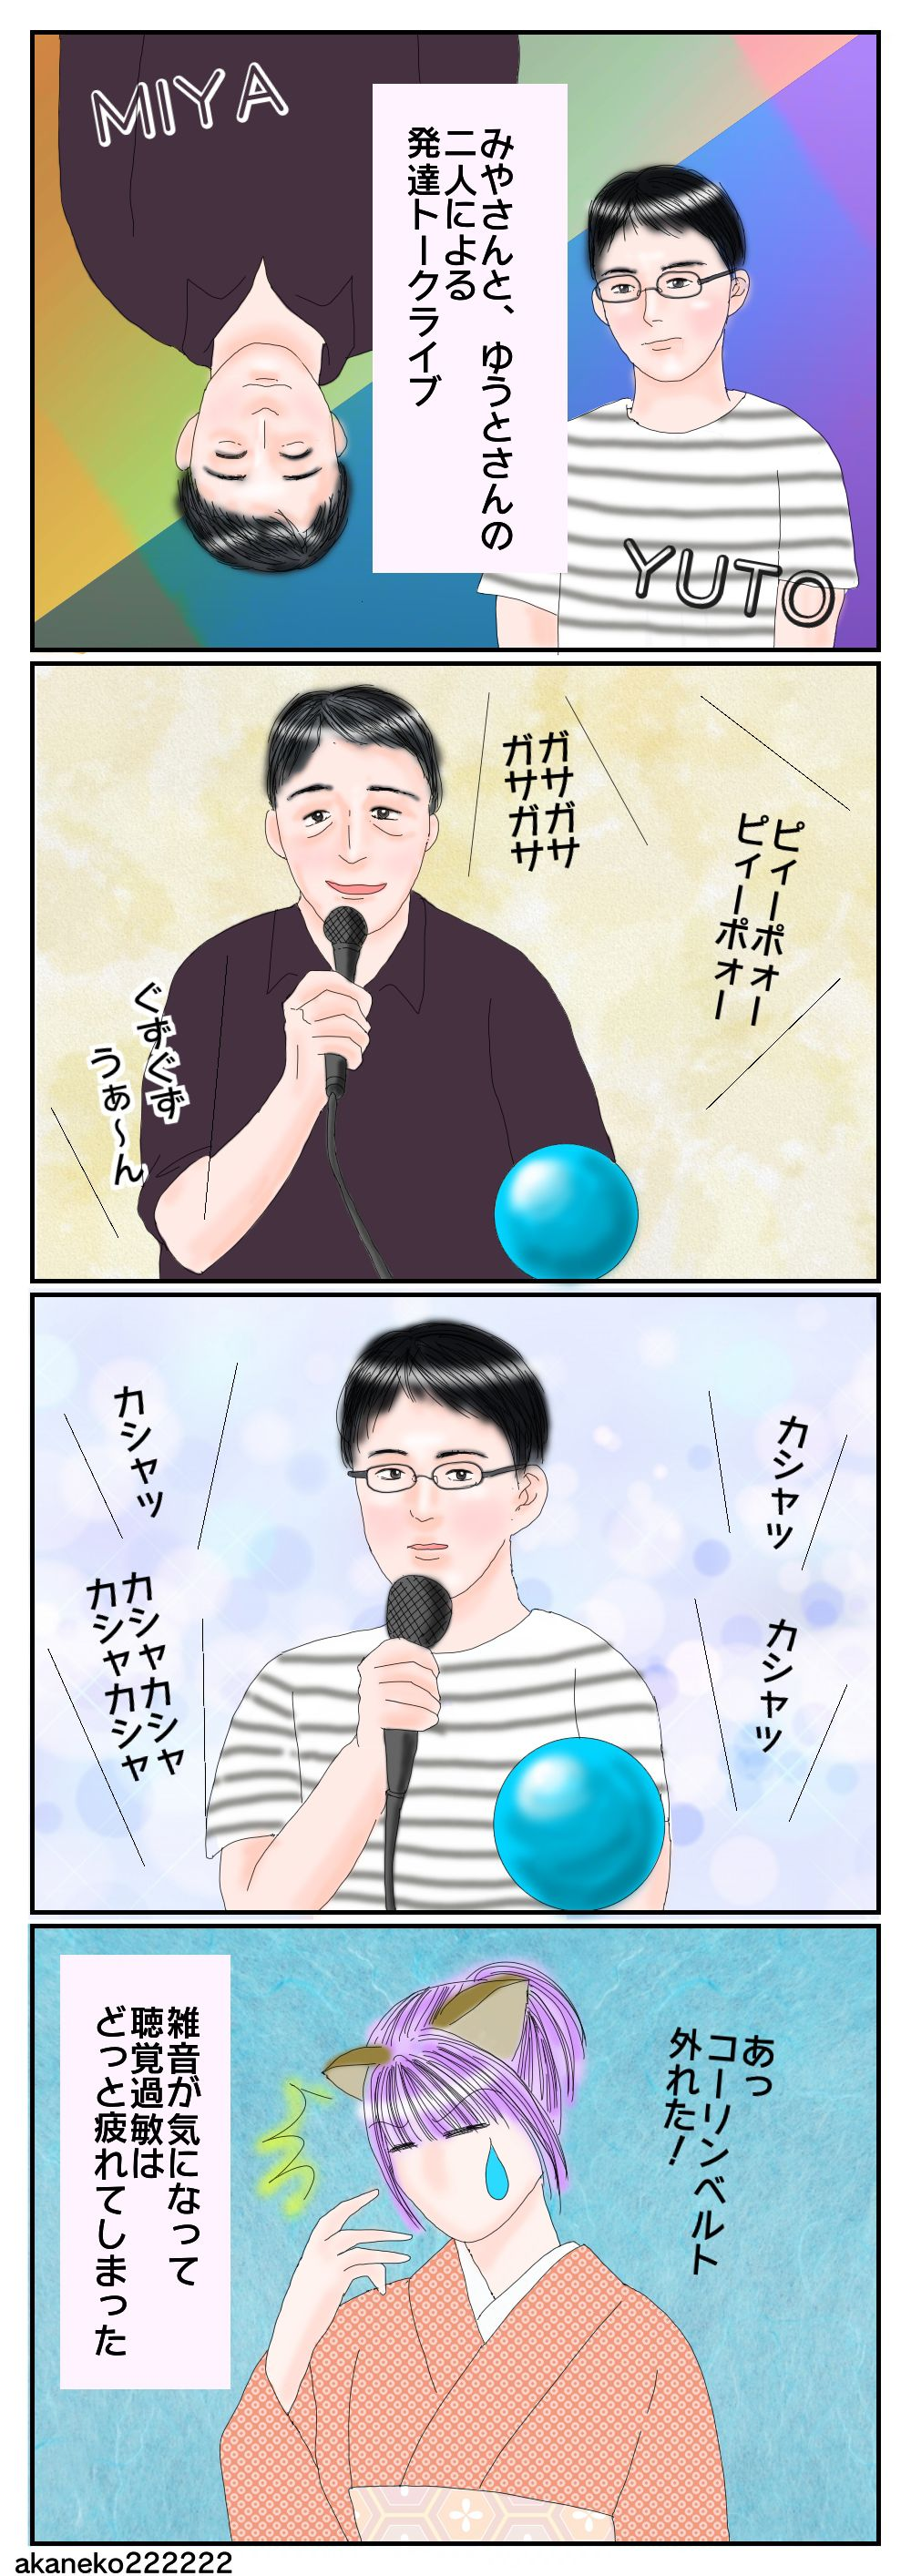 みやさん×ゆうと発達トークライブ